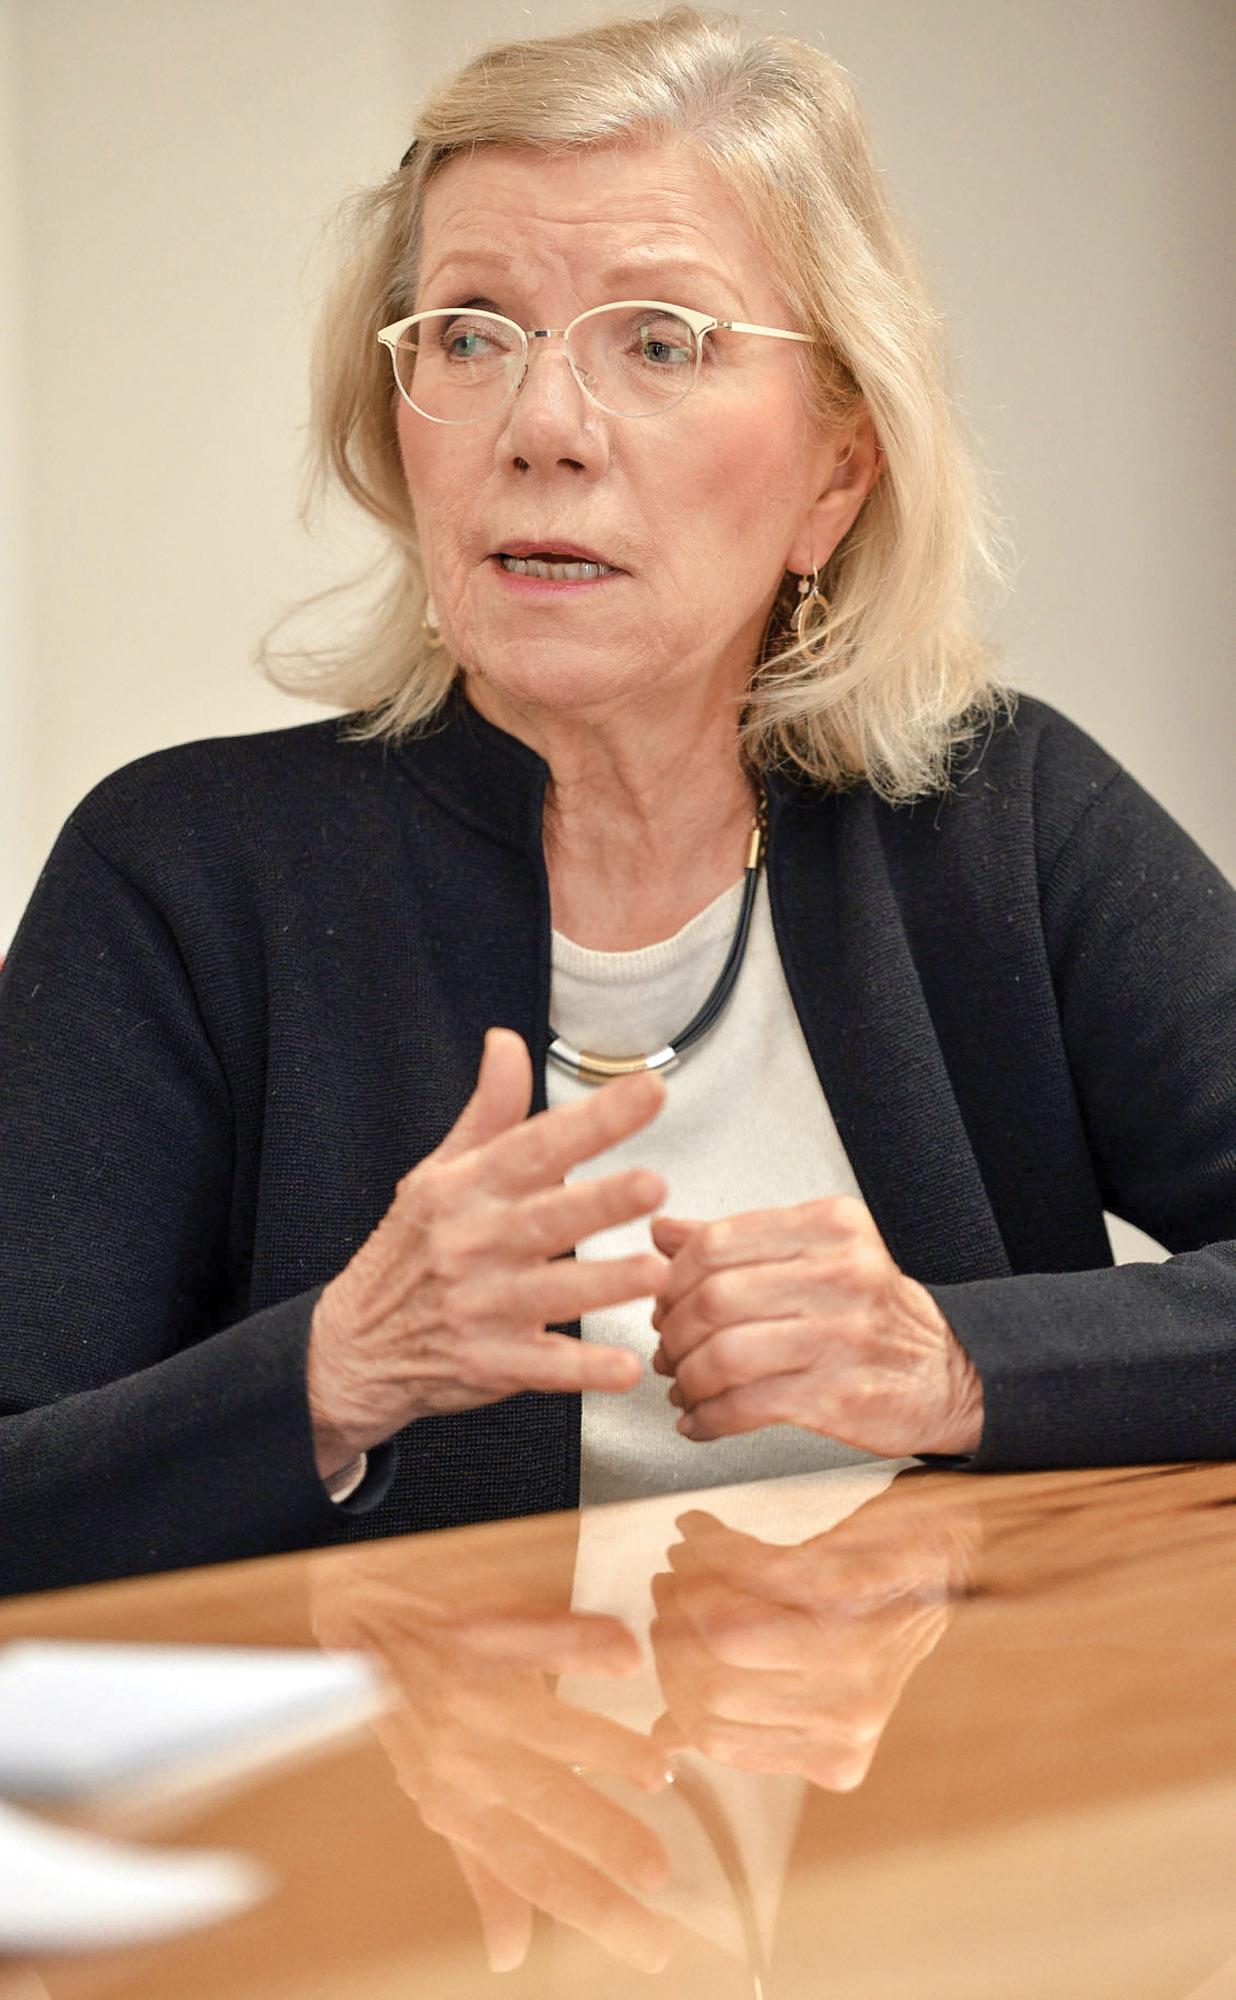 Marsha Caporaso